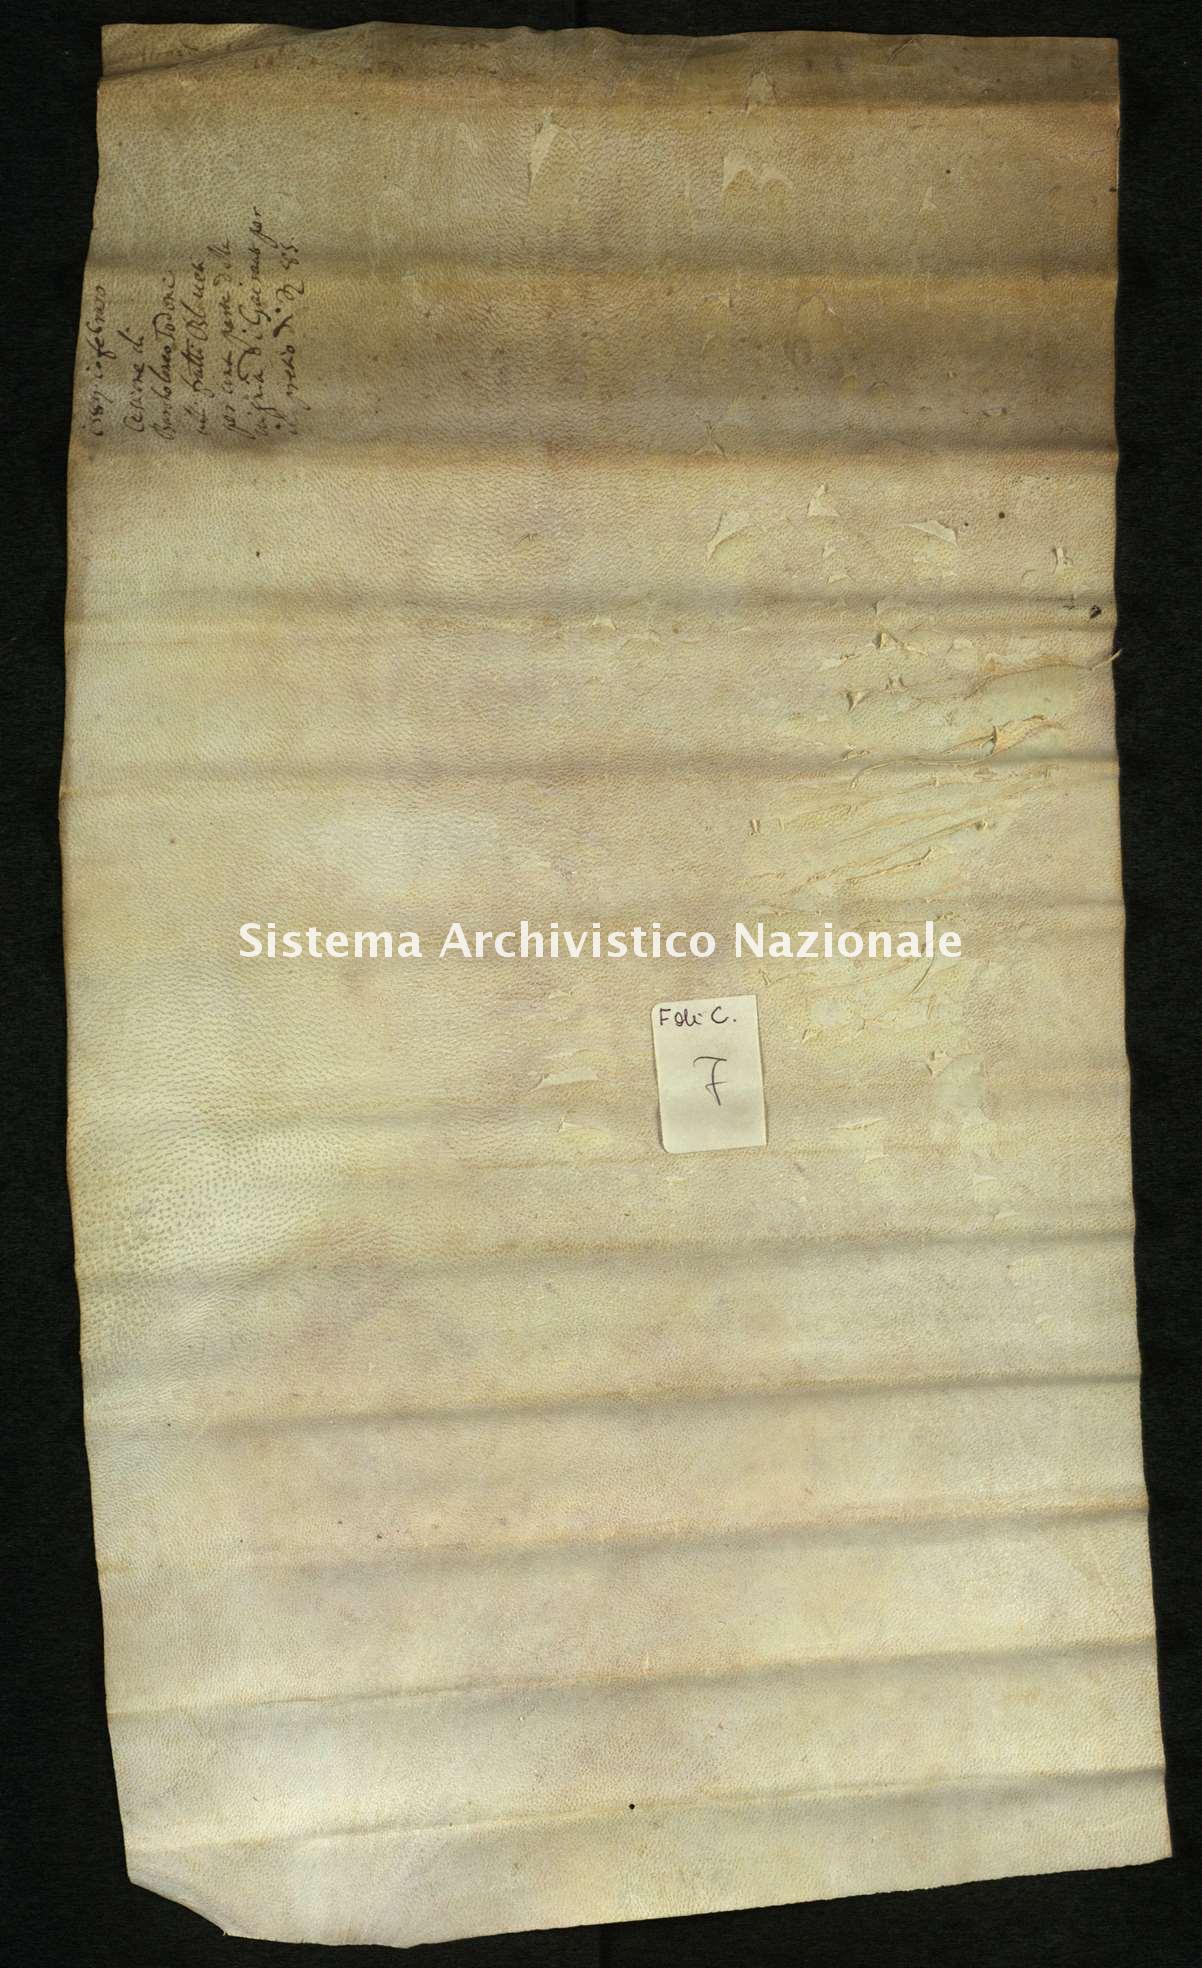 Archivio di Stato di Biella, Frichignono di Castellengo, Nizza 10 febbraio 1589